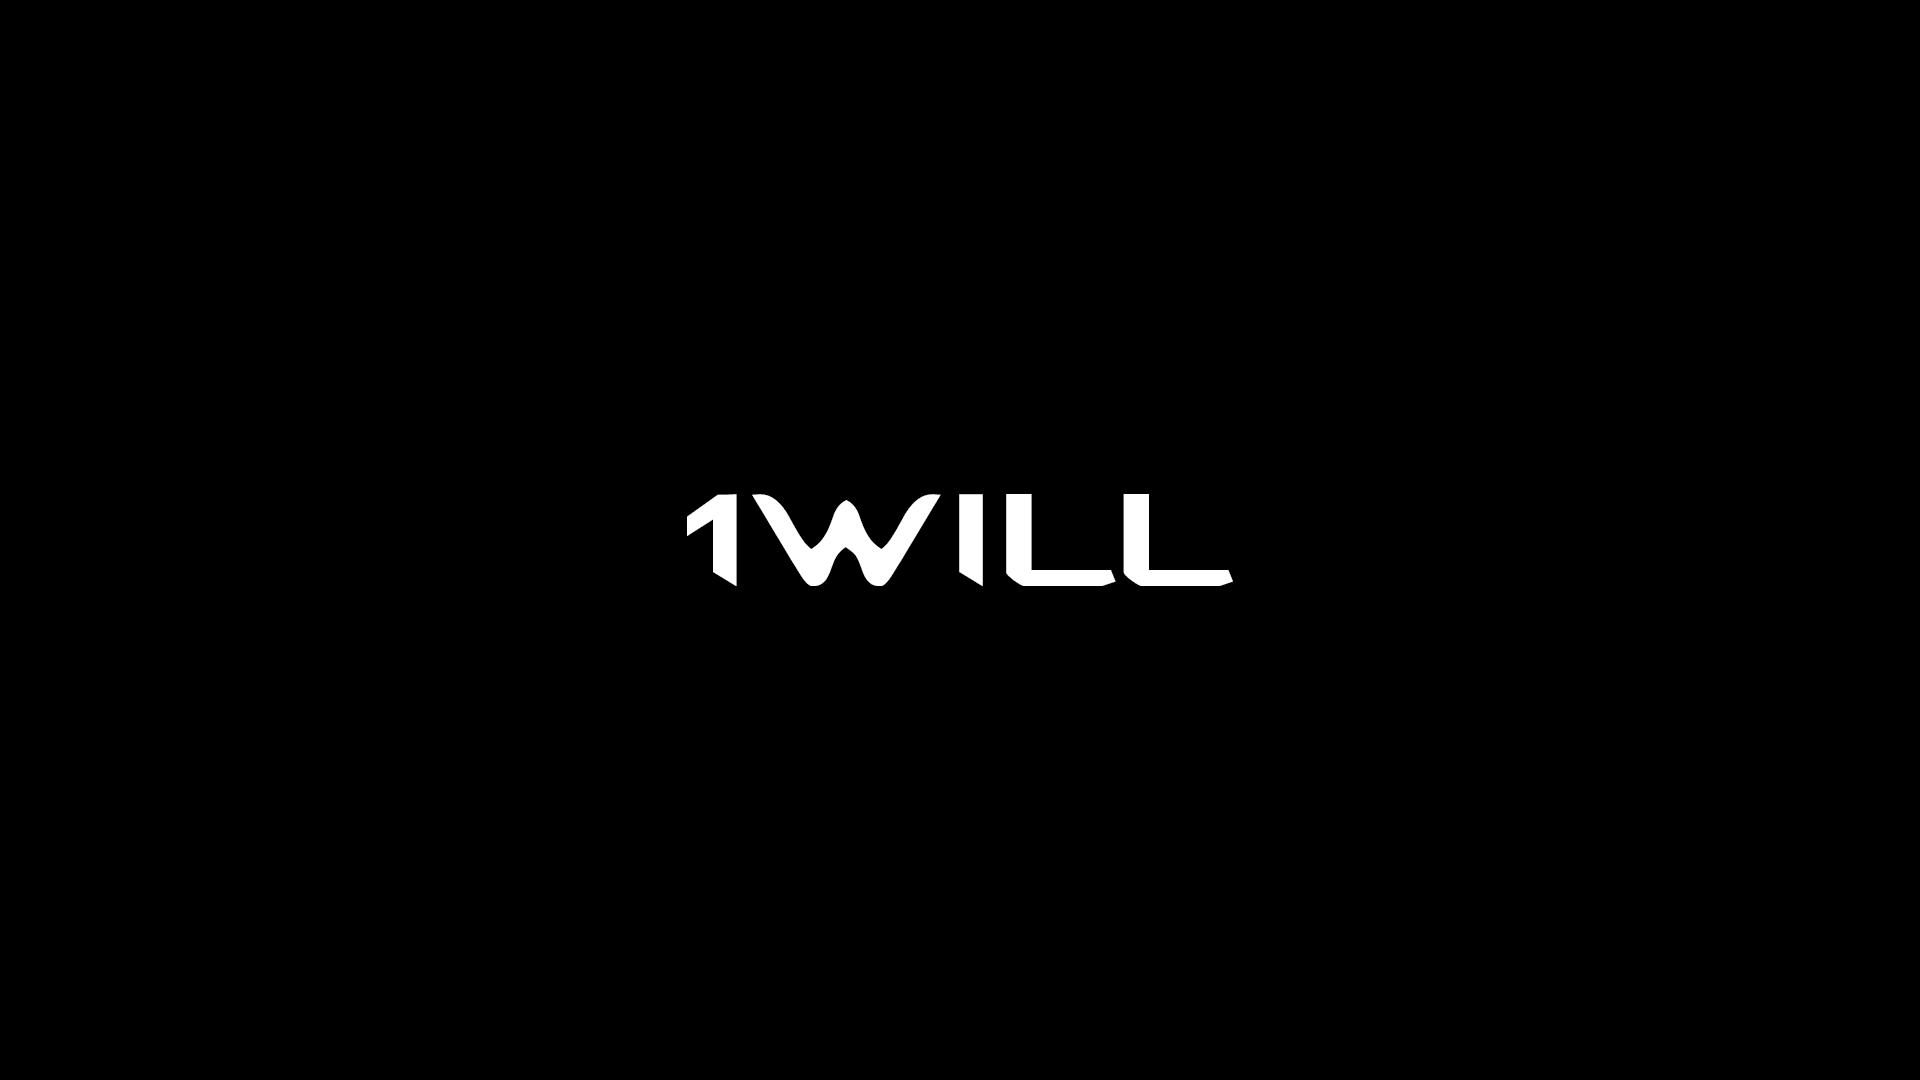 Logo de 1will tecnologia